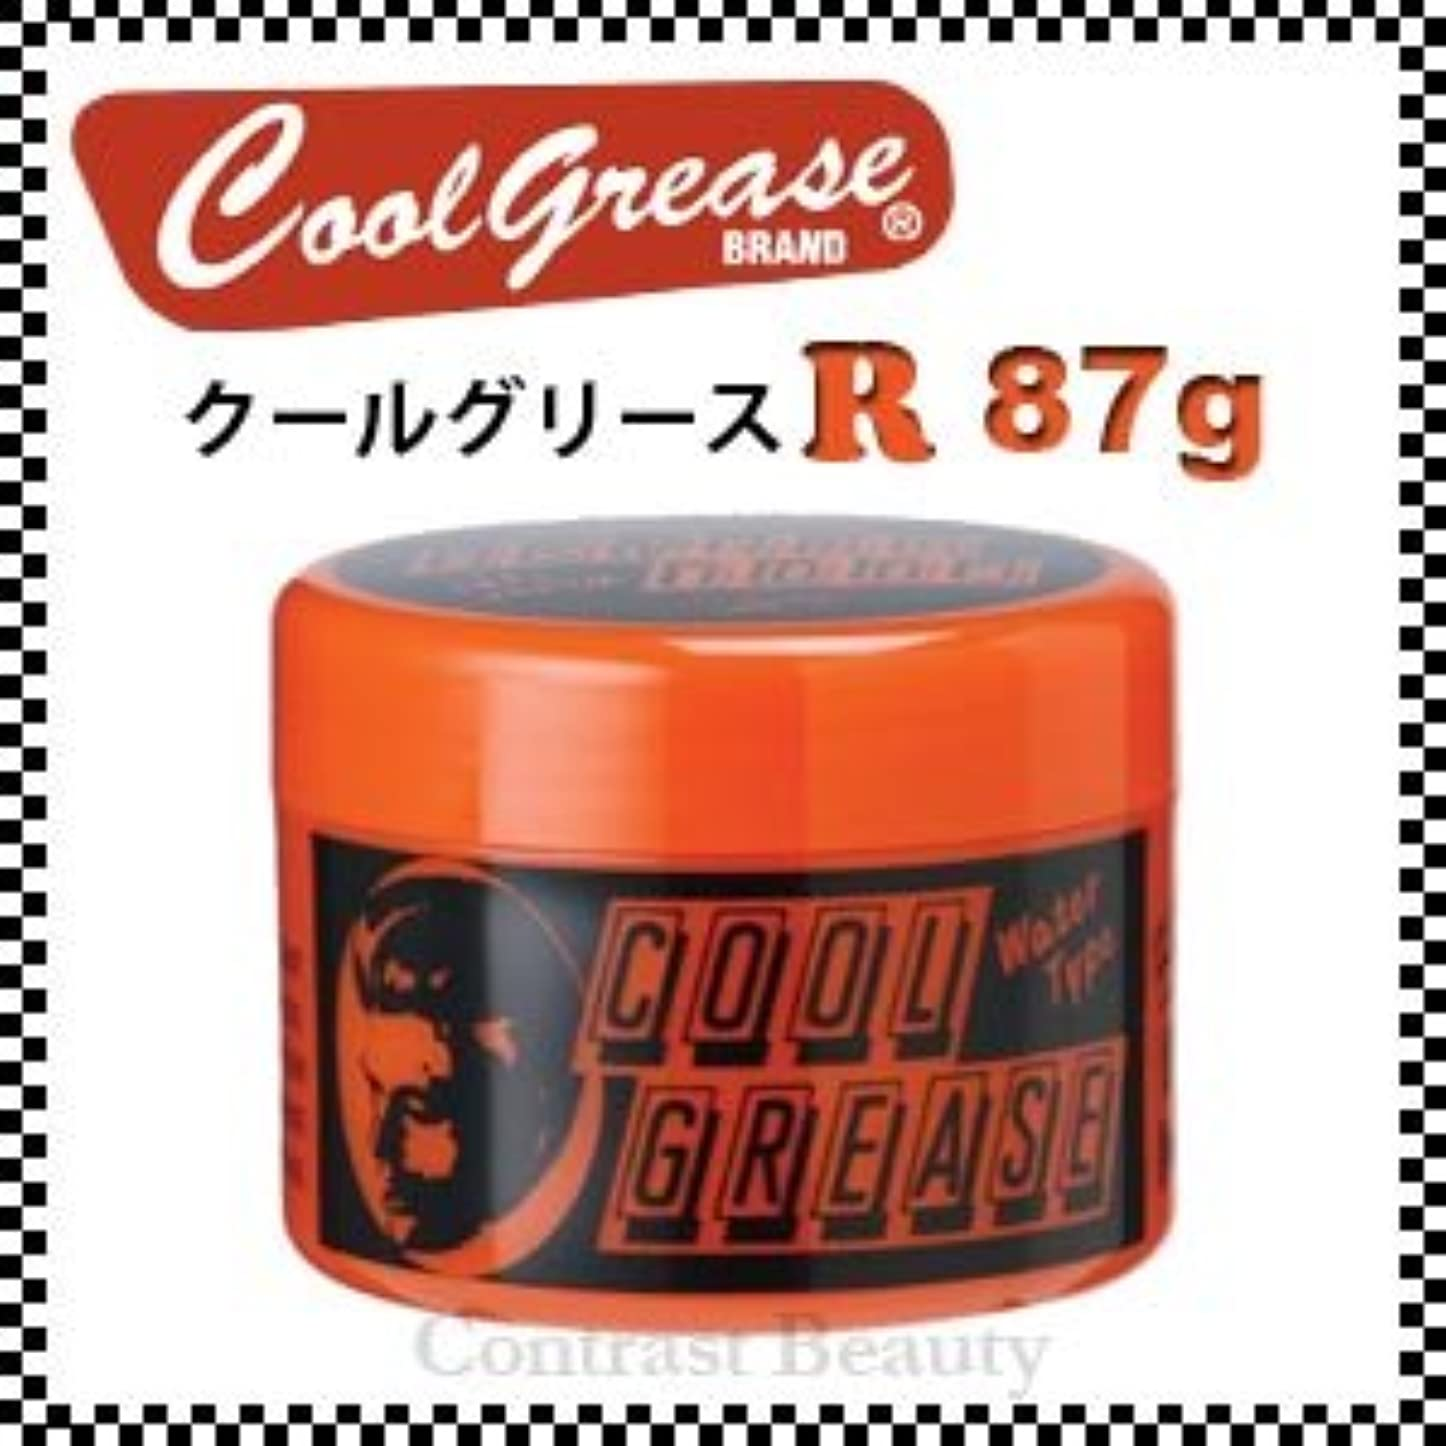 除外する静めるアレキサンダーグラハムベル【X5個セット】 阪本高生堂 クールグリース R 87g